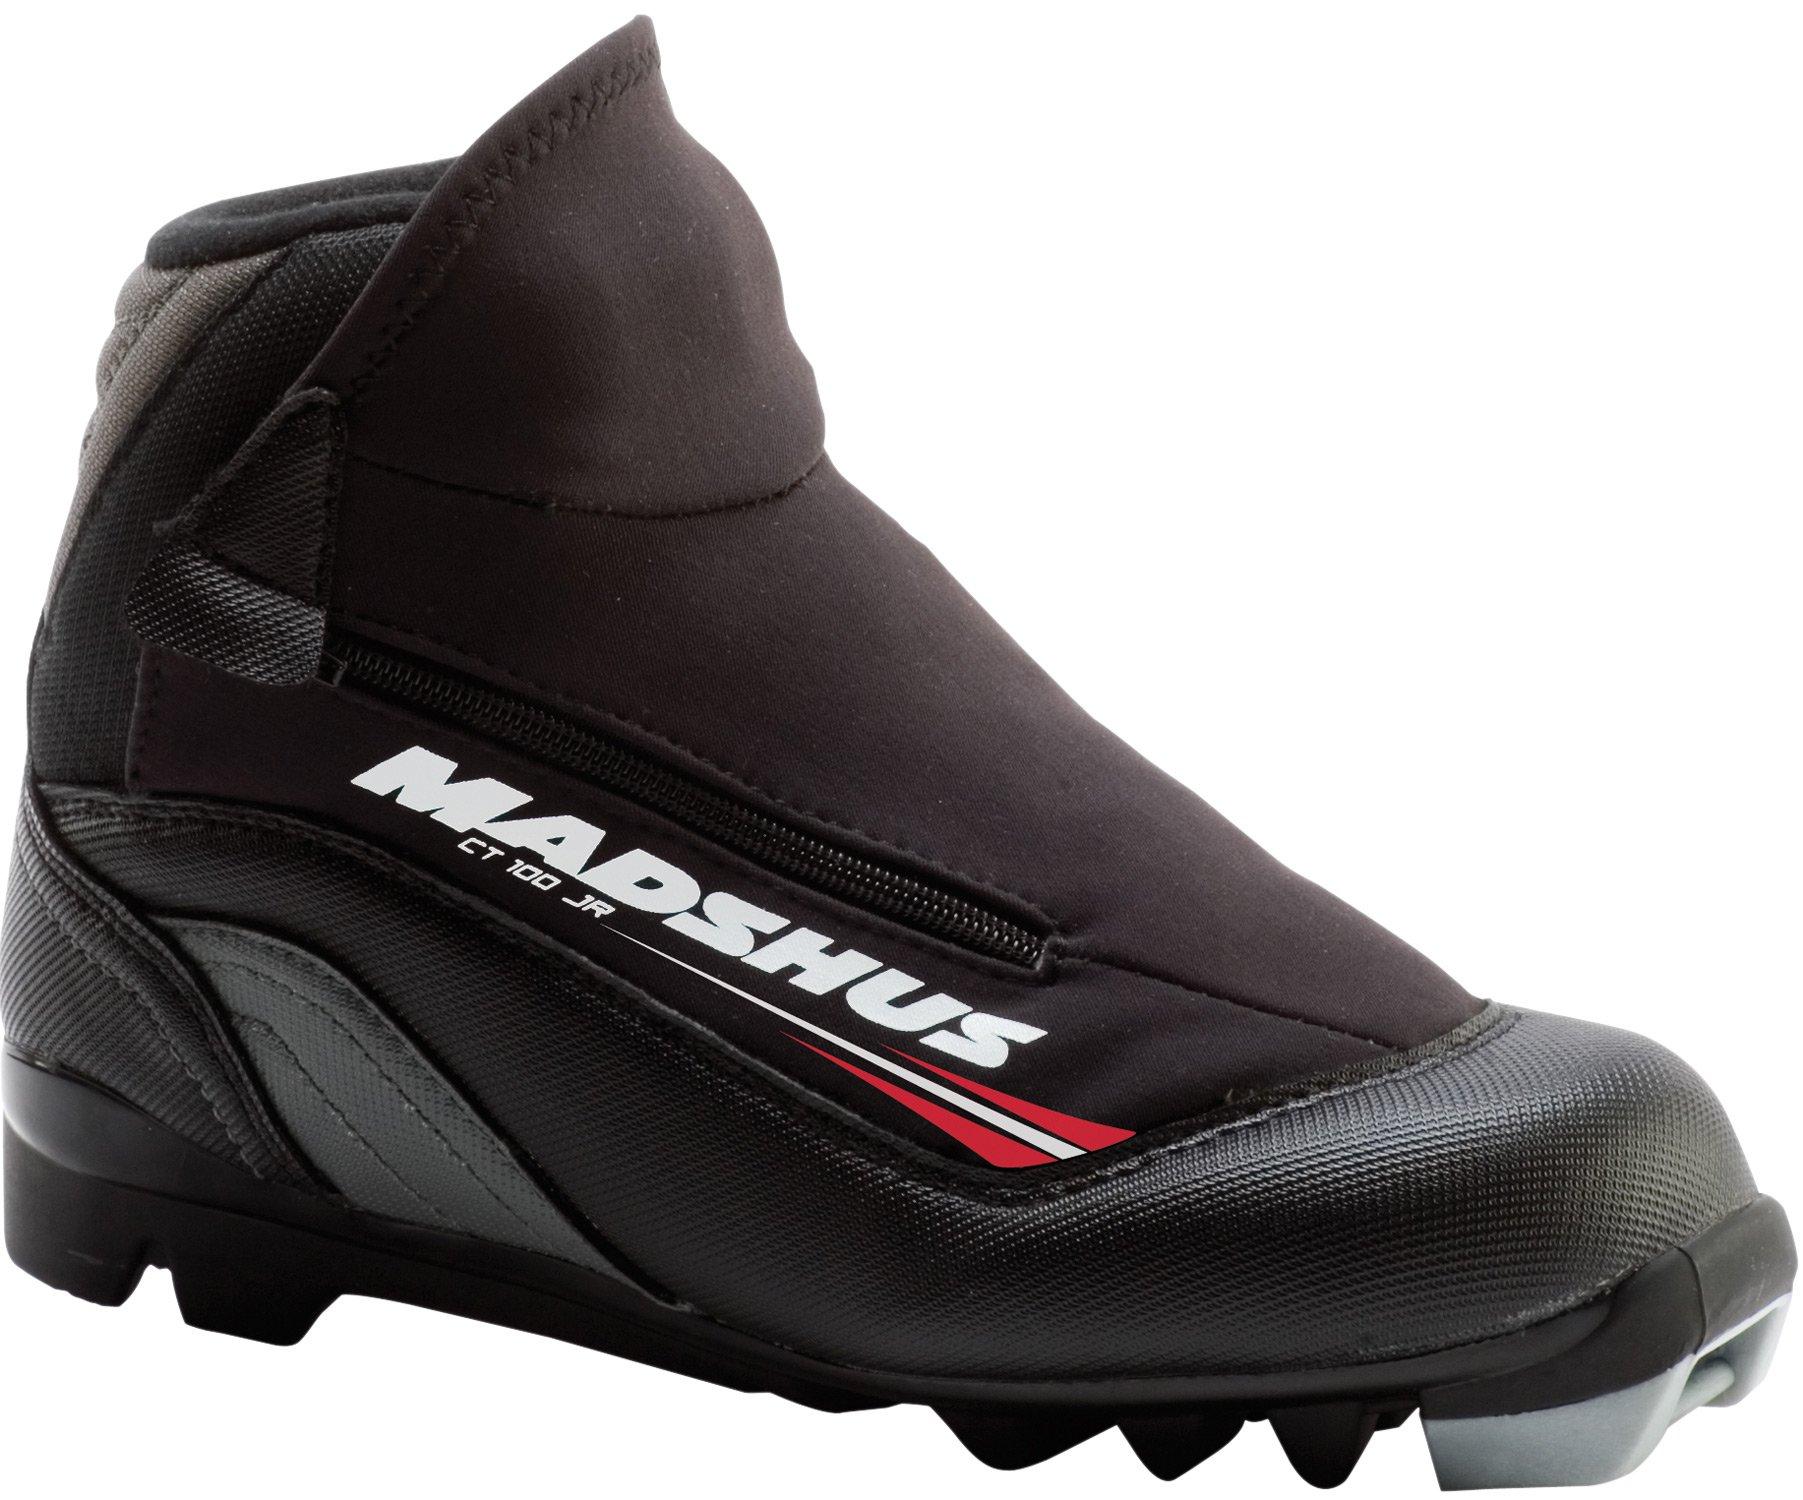 Madshus Kid's CT 100 Junior Touring Boot